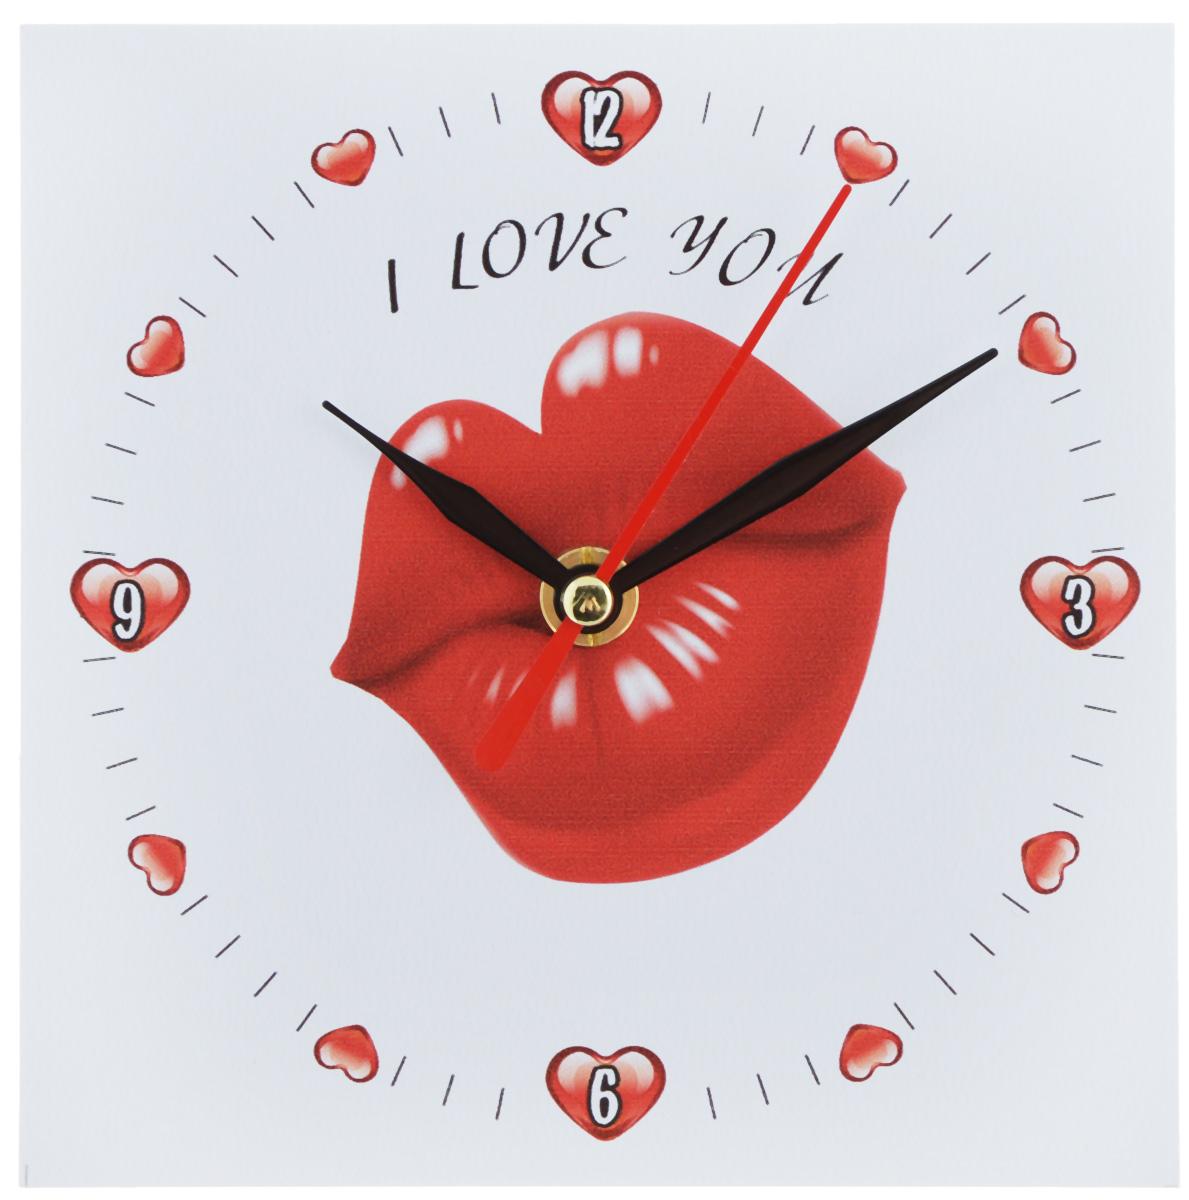 Часы настольные Эврика Губы, 14 х 14 см95837Часы настольные Эврика Губы изготовлены из МДФ с ламинированием и пластика. Изделие имеет оригинальный циферблат с изображением красных губ и надписью: I Love You. Механизм хода часов бесшумный и плавный. Сзади расположен специальный упор, благодаря которому часы можно поставить на стол. Часы также можно повесить на стену с помощью специального металлического отверстия. Такие яркие необычные часы станут украшением вашего рабочего стола и подчеркнут ваш стиль. Отличный подарок друзьям и близким, который обязательно вызовет улыбку и радость. Часы работают от одной батарейки напряжением 1,5V типа AA (в комплект не входит).